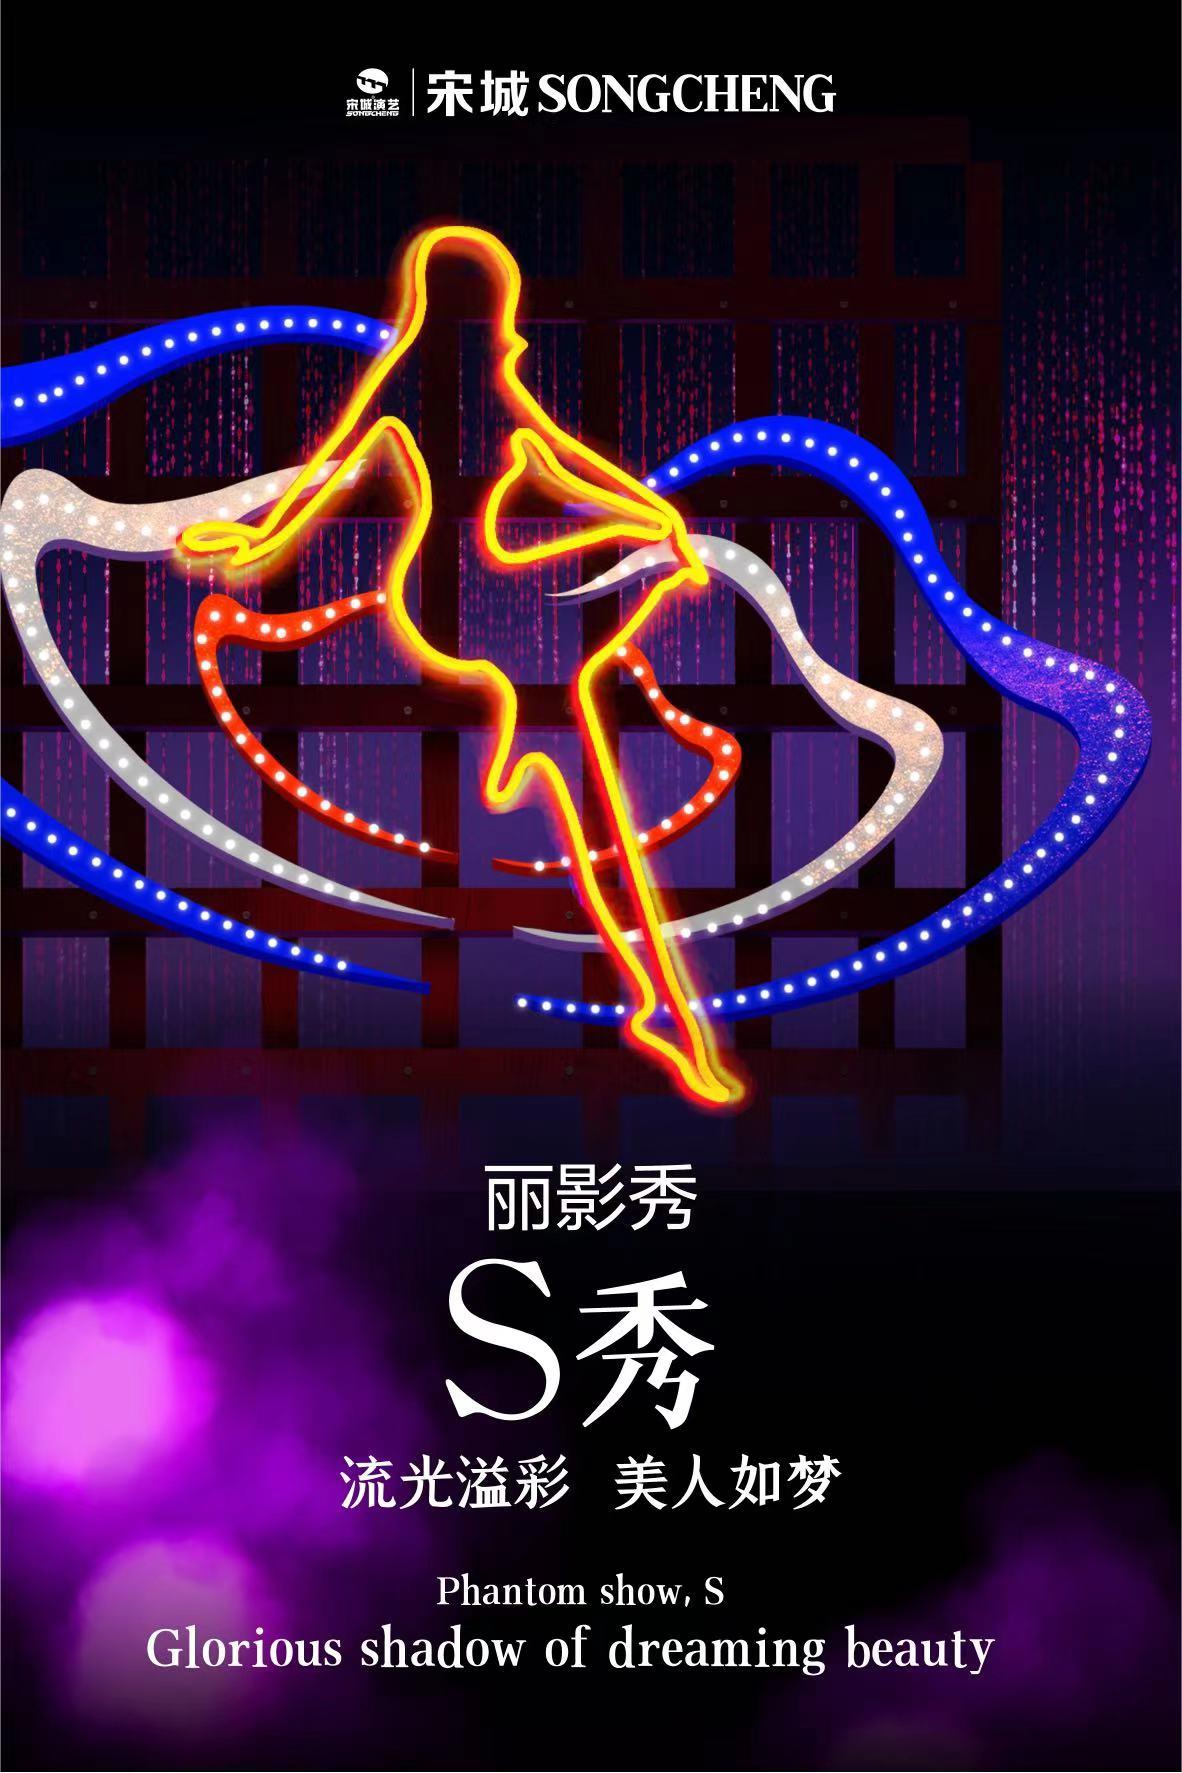 上海宋城+丽影秀《s秀》